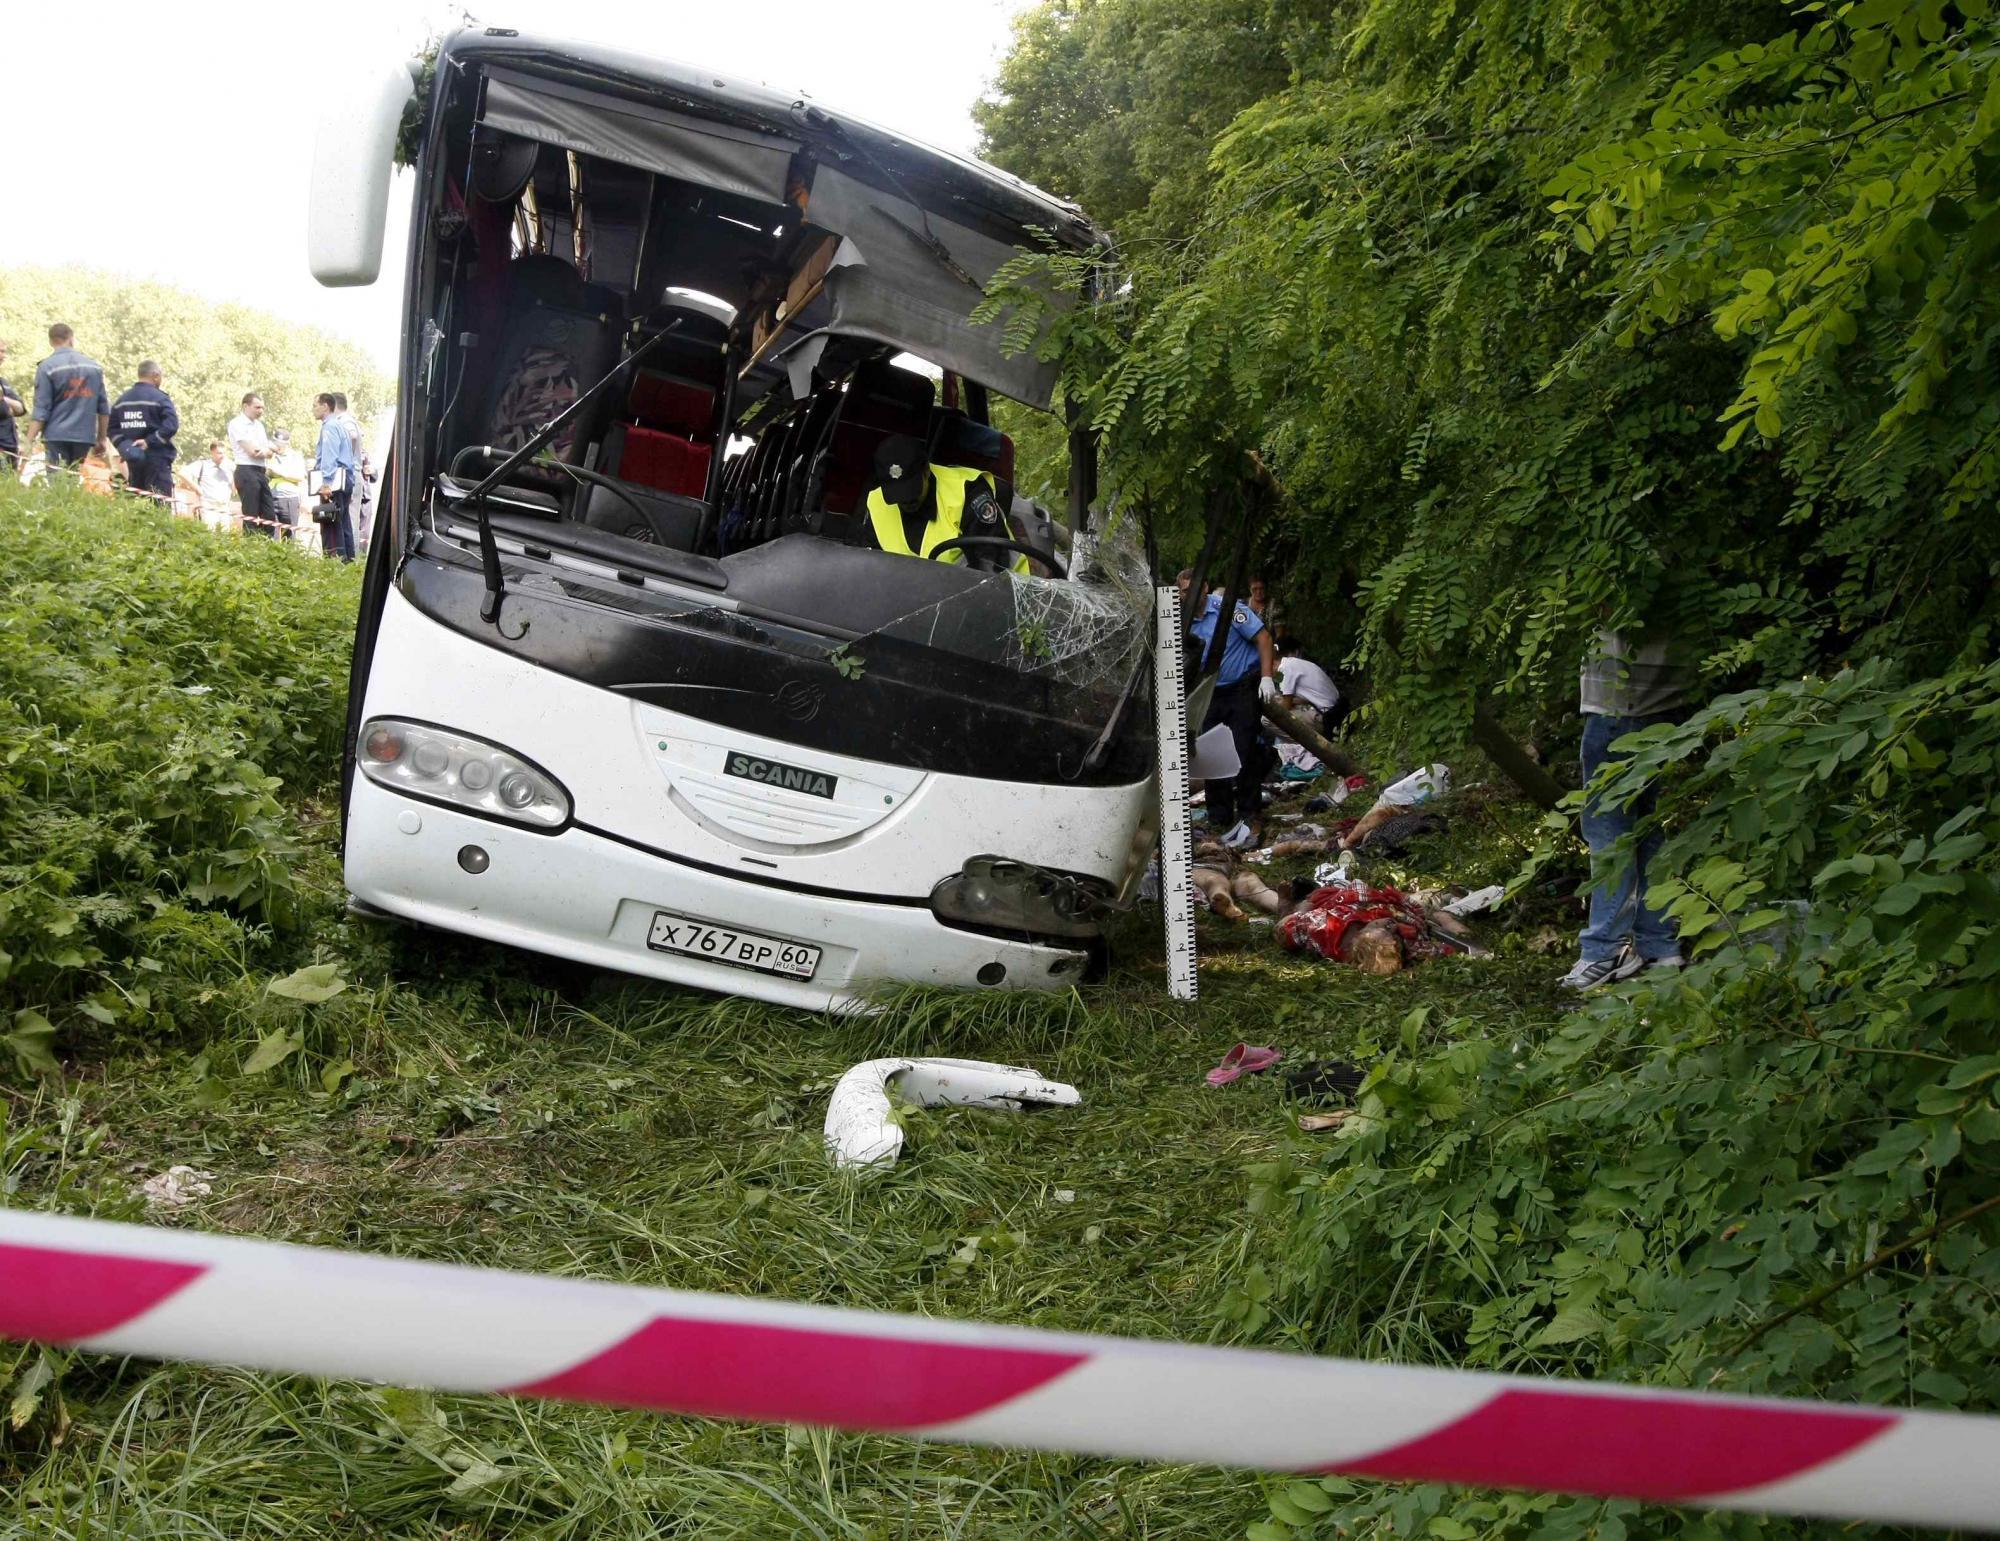 7月7日,乌克兰发生严重车祸,致14名俄罗斯人死亡22人受伤 高清图片